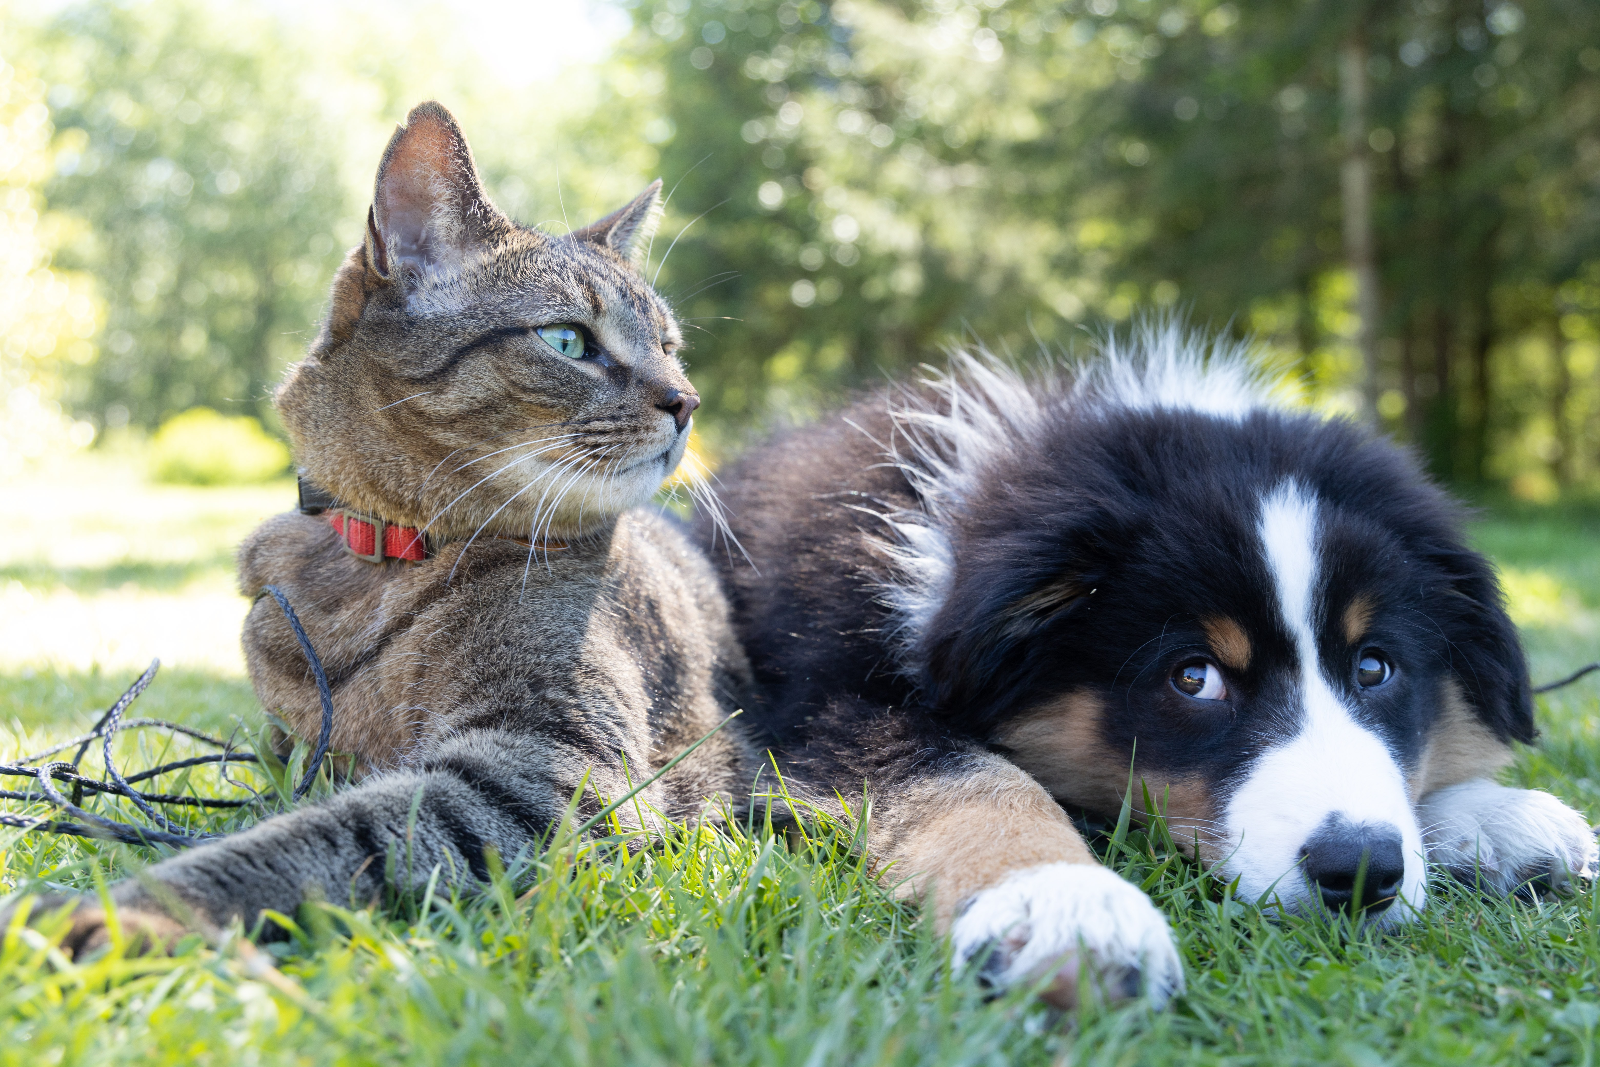 comment faire accepter un chaton à un chien